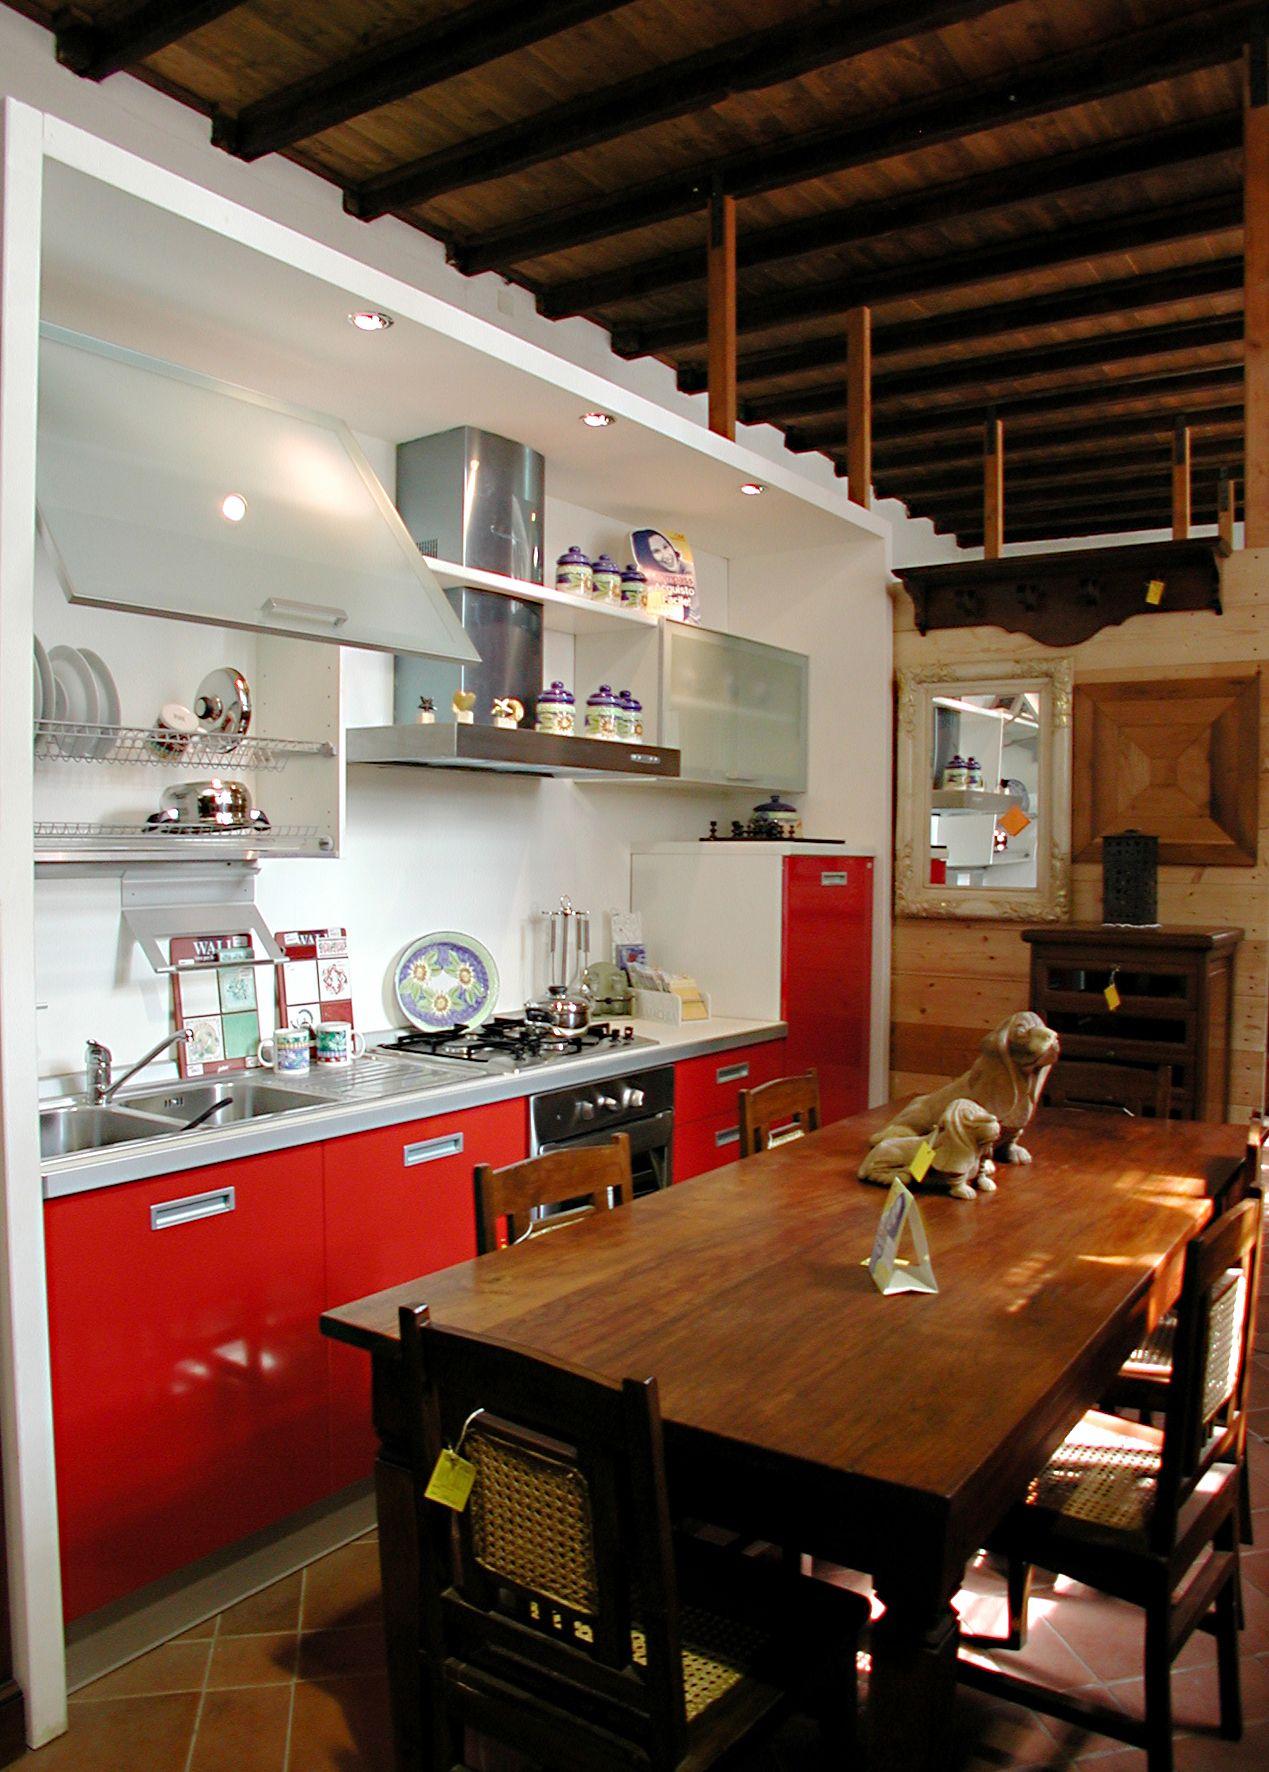 cucina rossa tavolo in legno | home sweet home nel 2019 | Cucina ...